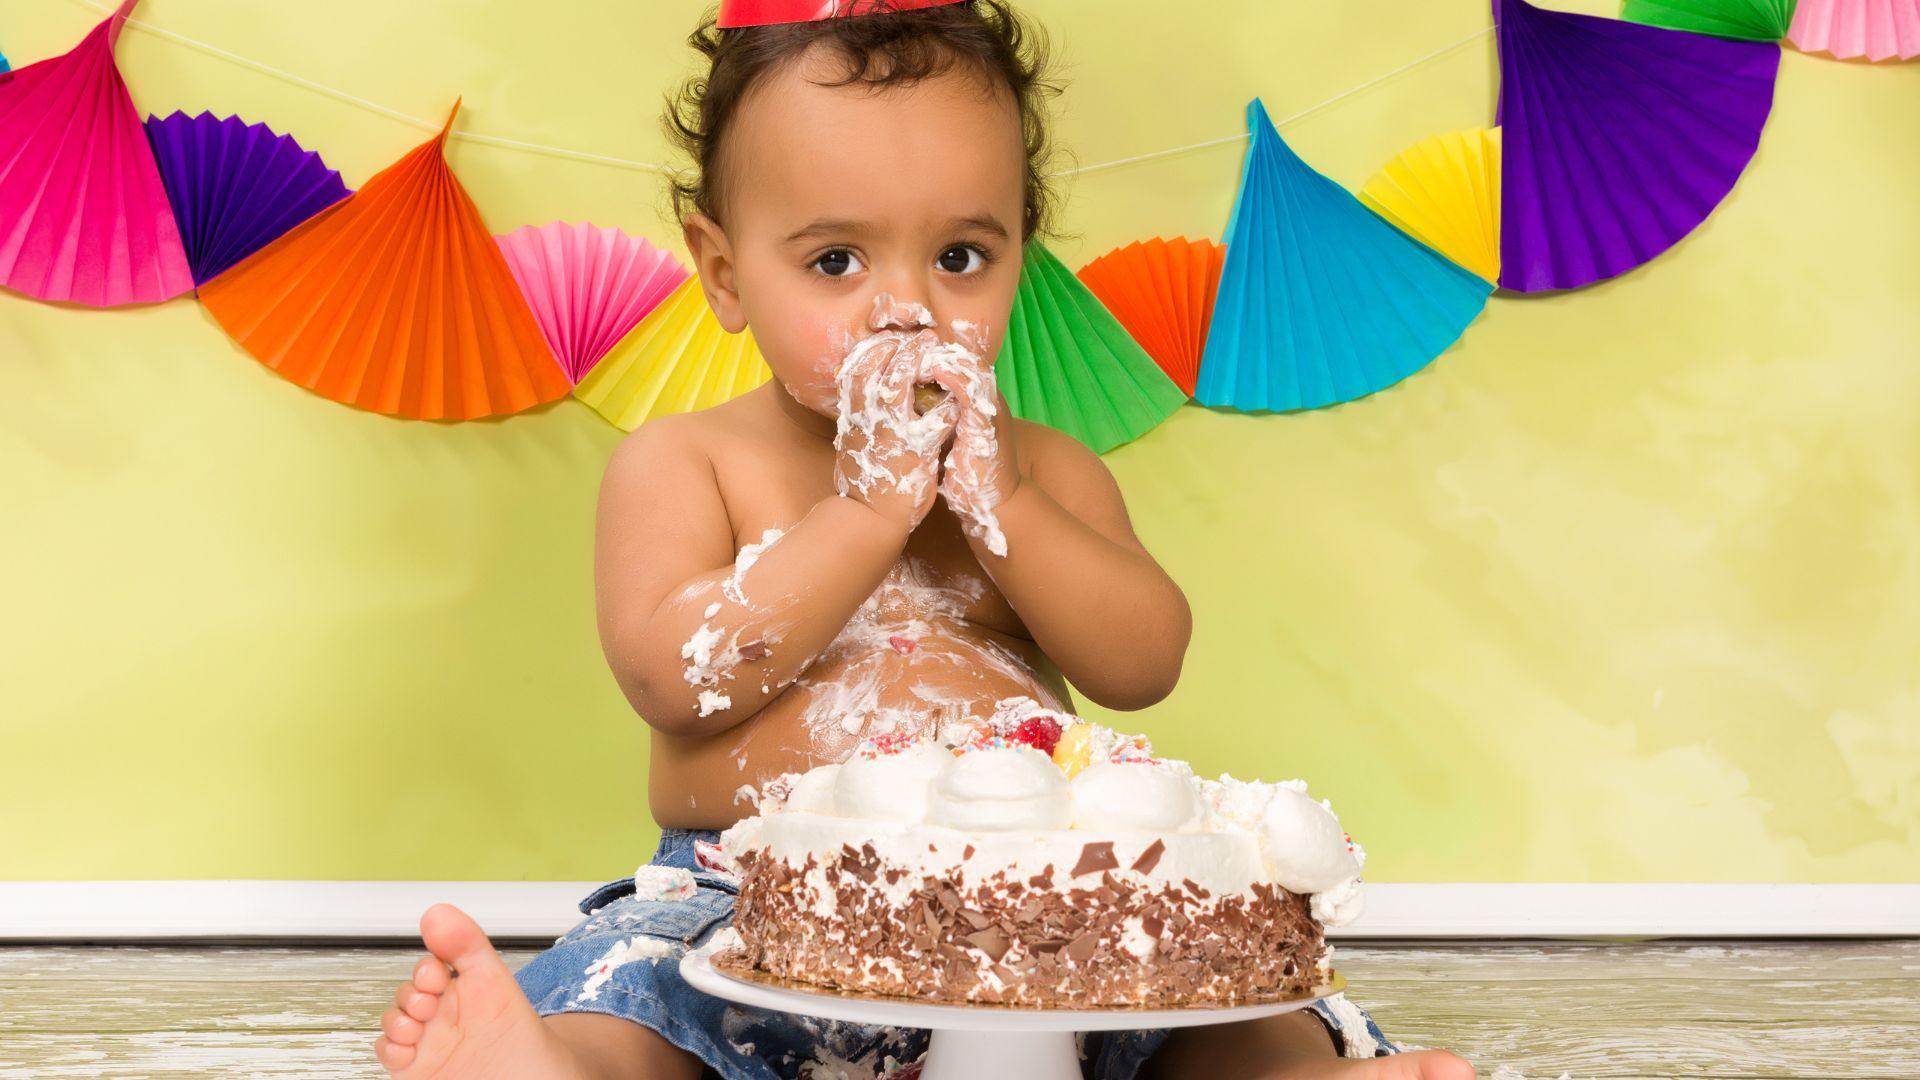 Celebre O Bebê Com Mensagens Para Mêsversário De 8 Meses